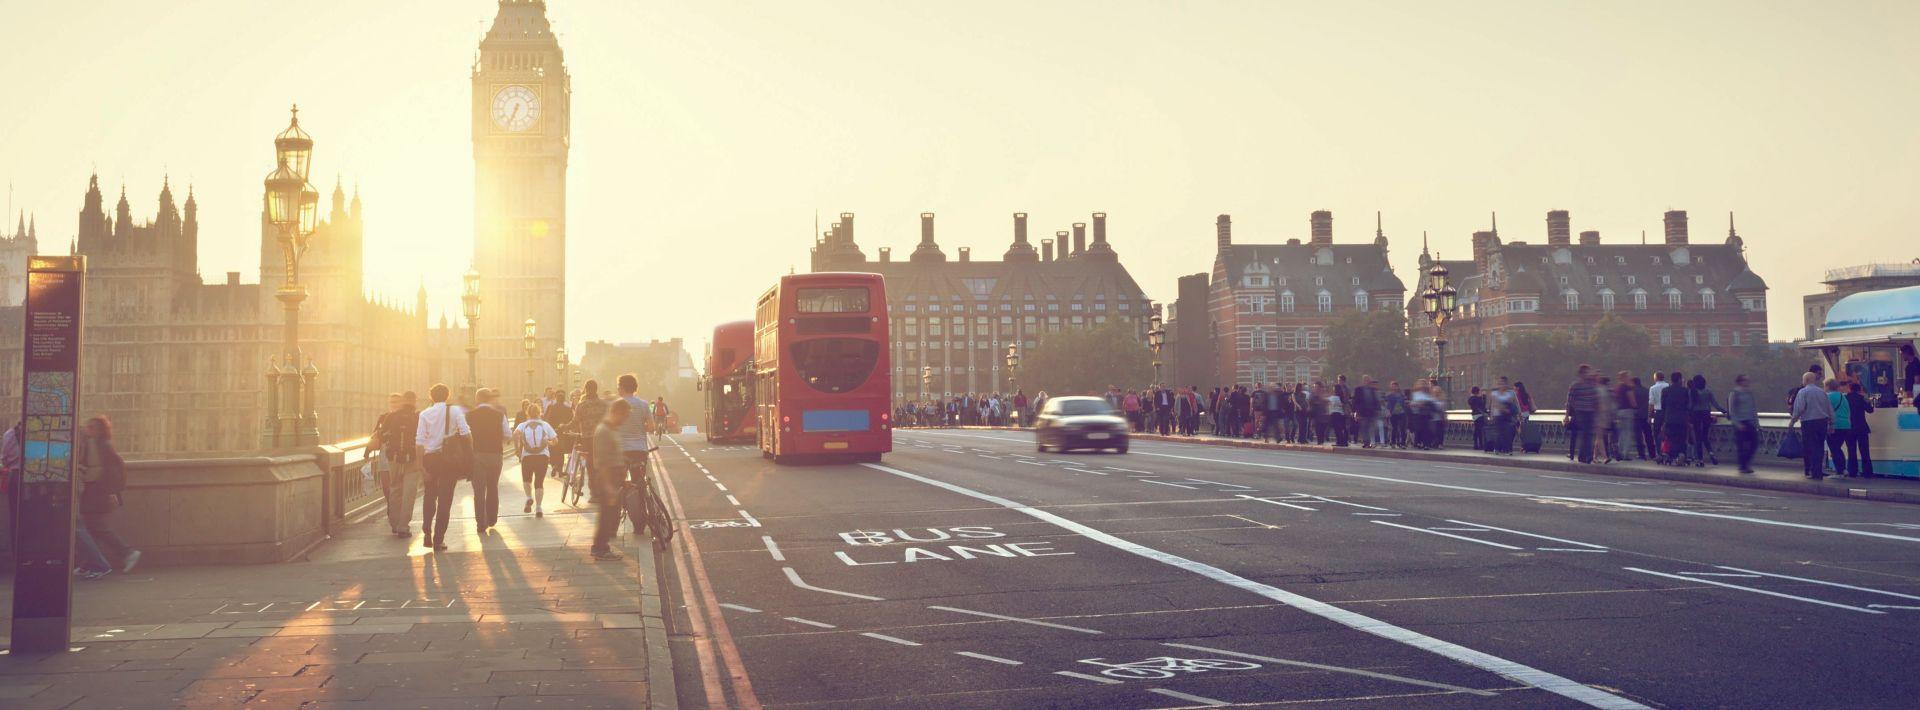 londoni összekapcsolási oldal alkalmi randevú badoo